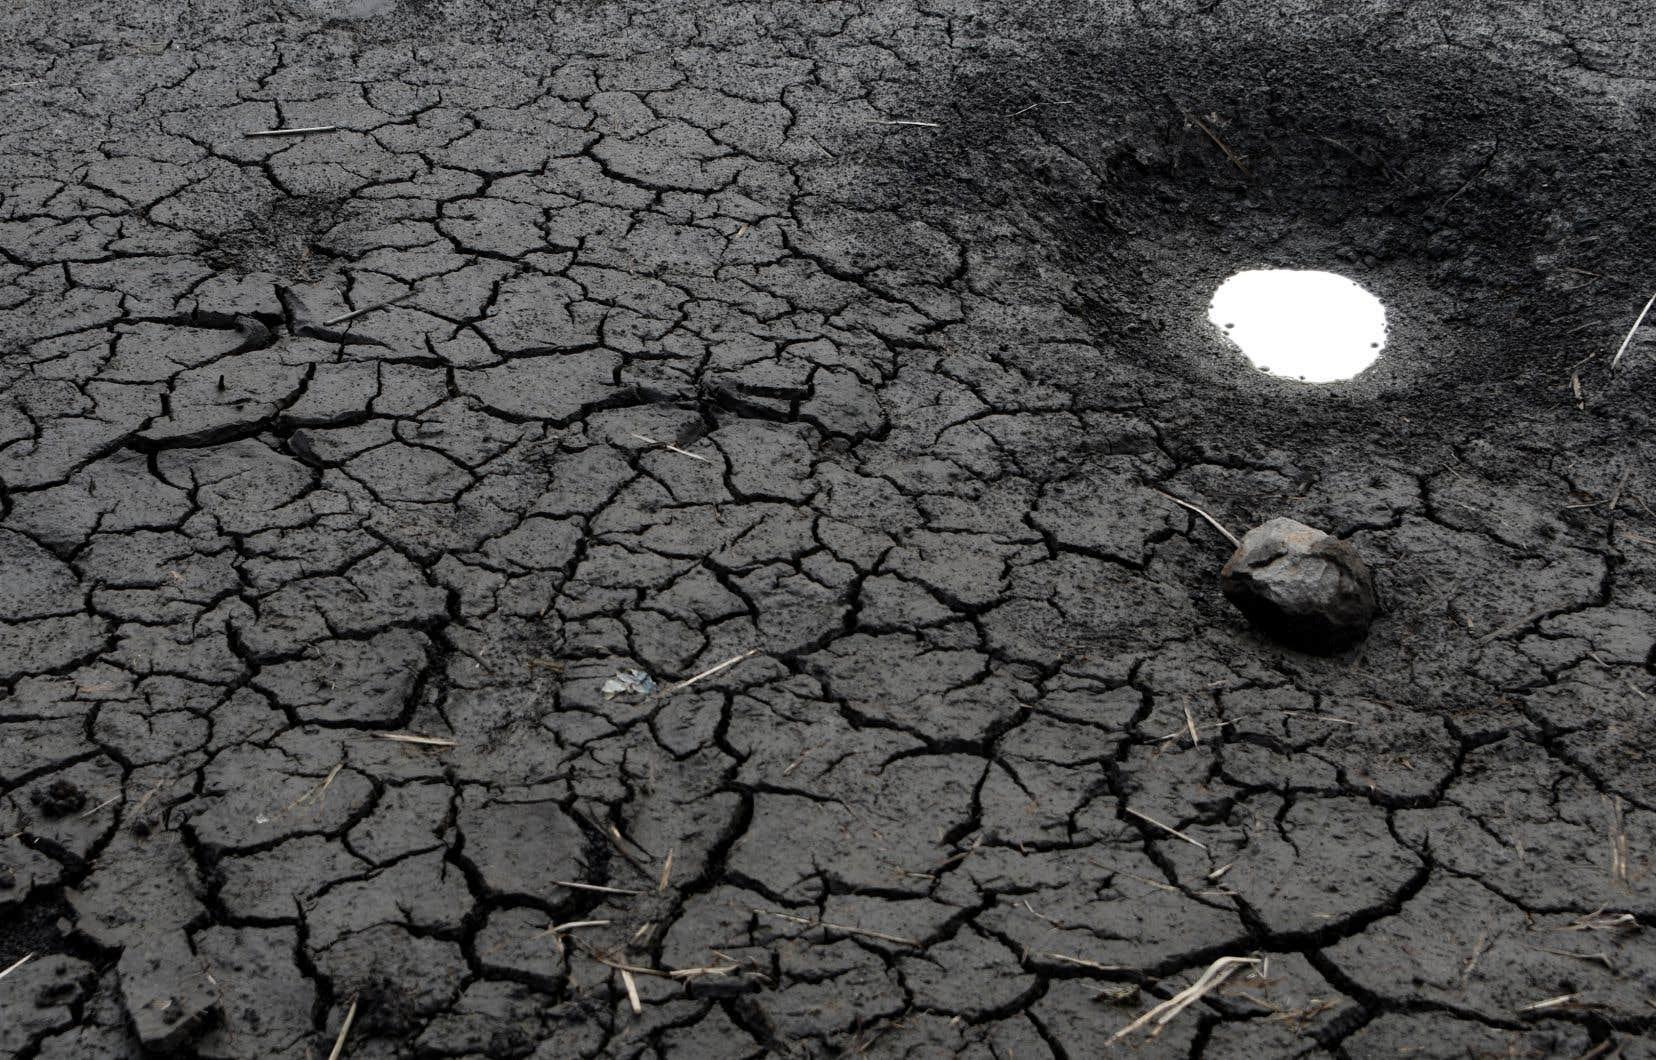 Face aux changements climatiques et à la pression démographique qui pèsent sur les ressources en eau, l'ONU recommande que les pays se concentrent sur les «solutions vertes».